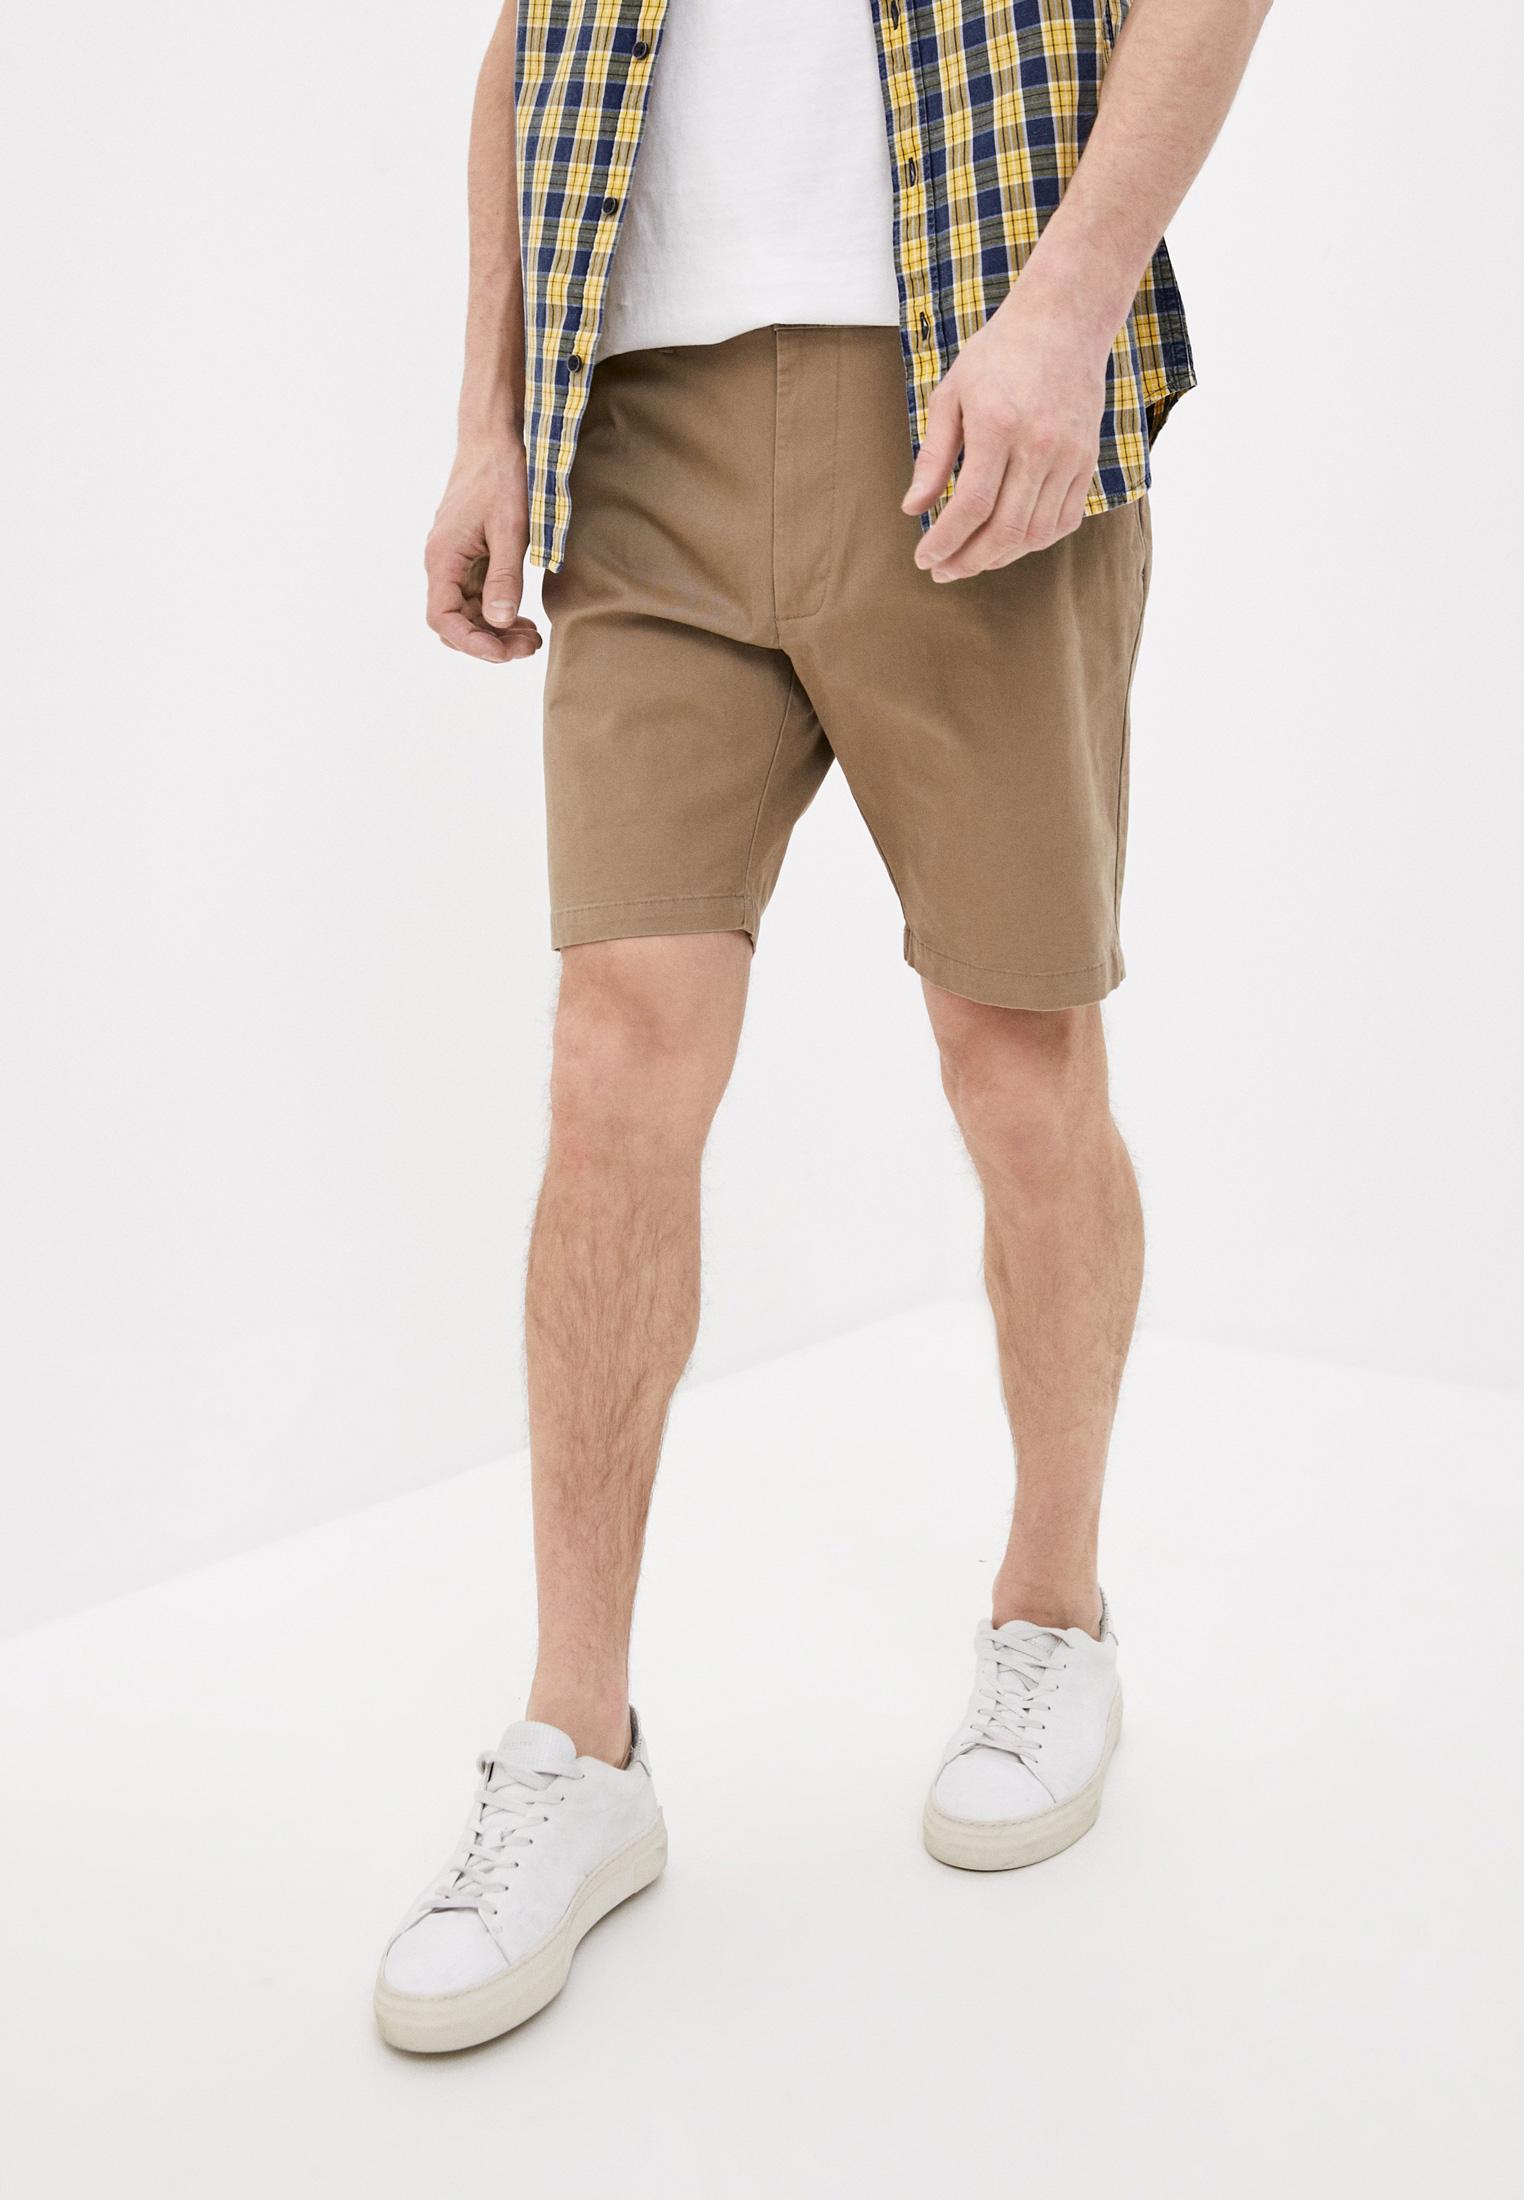 Мужские повседневные шорты Marks & Spencer Шорты Marks & Spencer